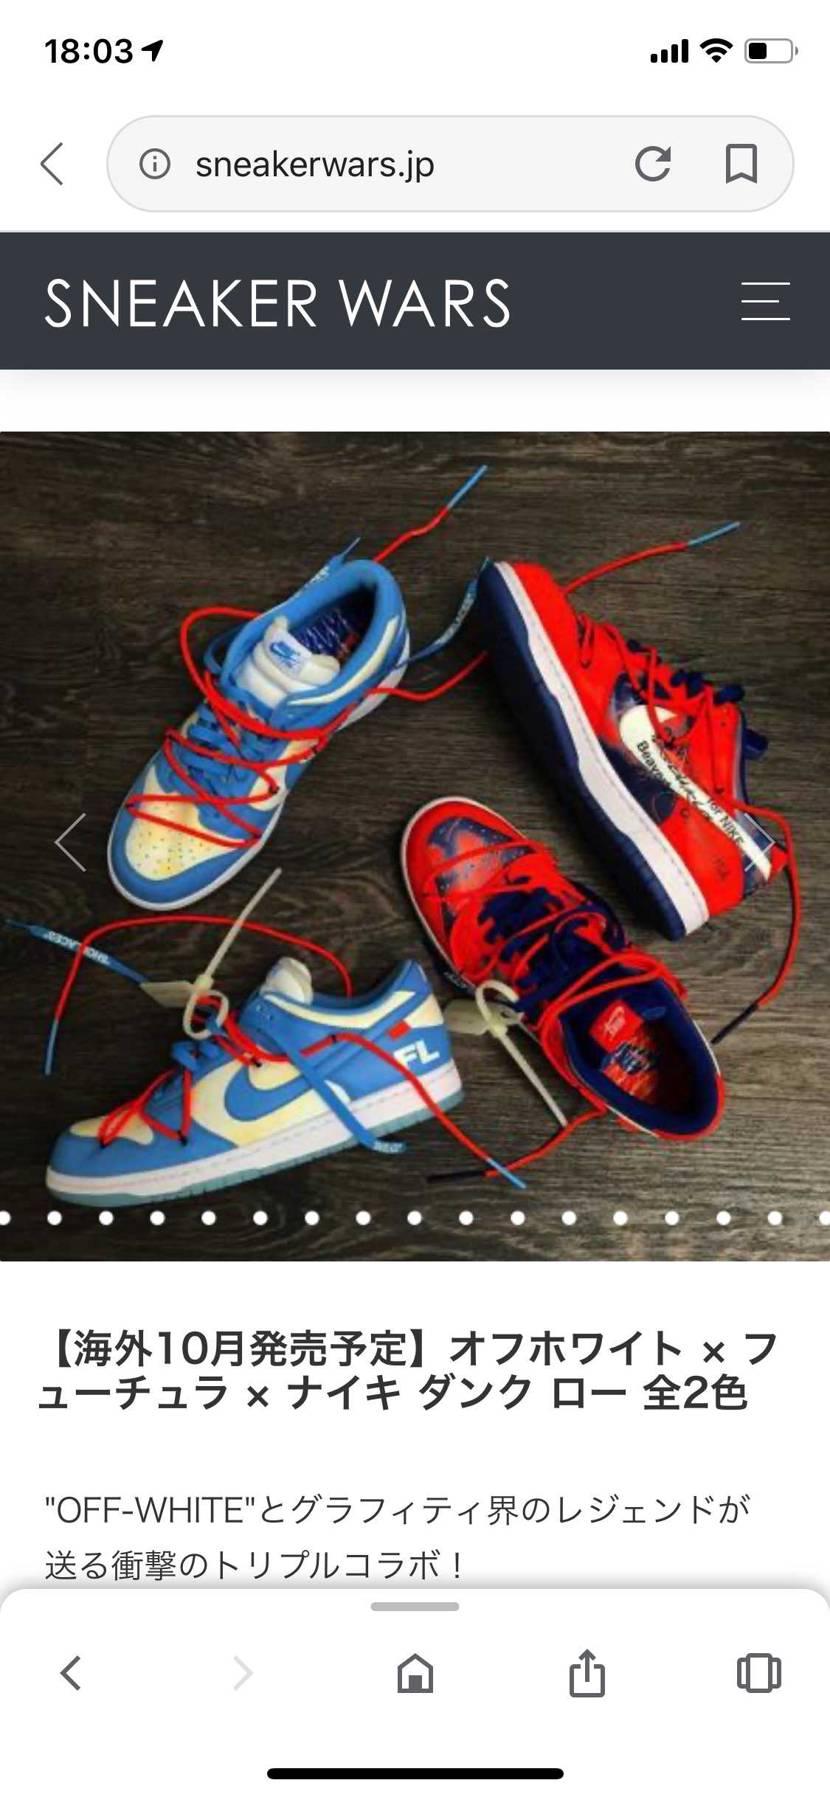 Nike オフホワイト フューチュラを、優先してプレ価でも買う予定でいいるもので